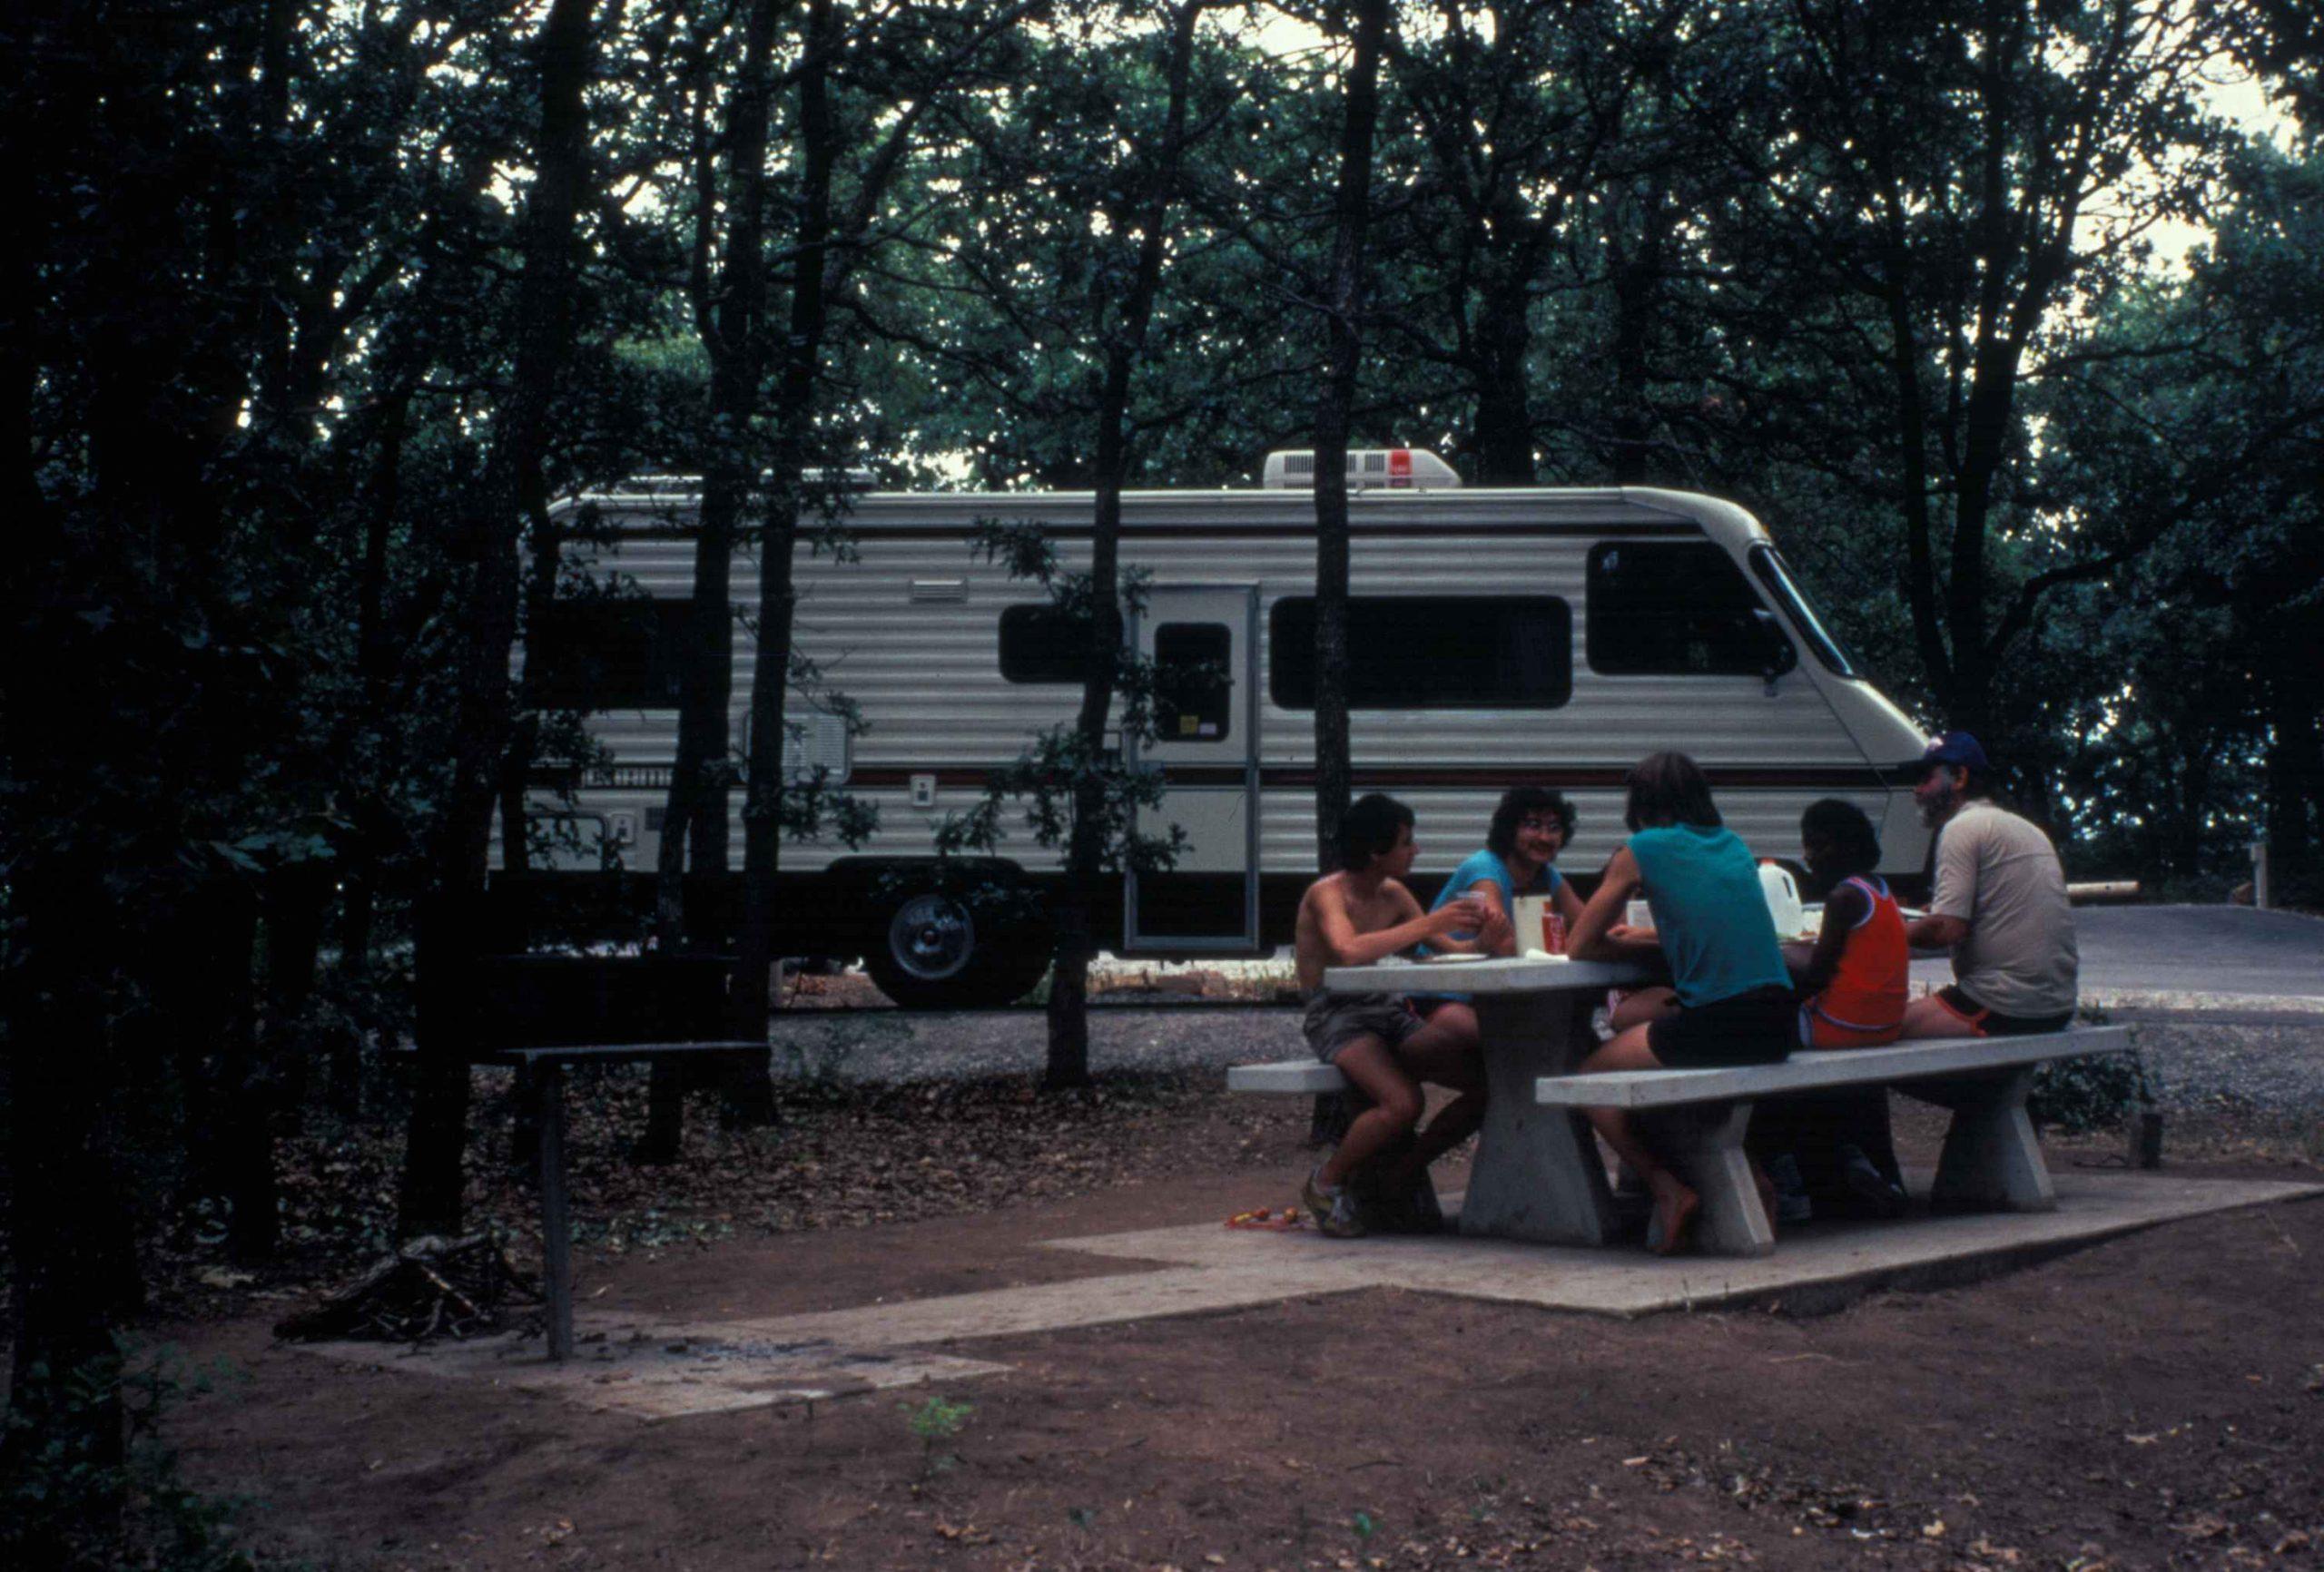 Choisir les vacances à la montagne dans un camping à Agos Vidalos